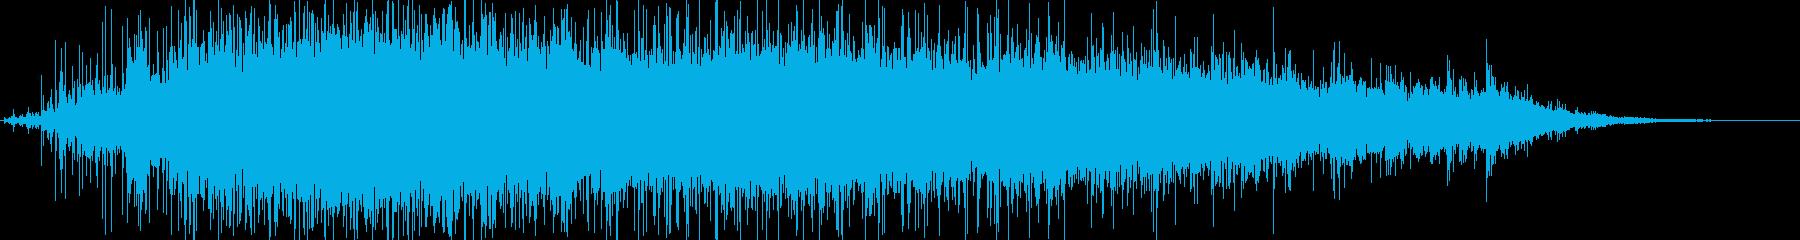 147拍手 パチパチパチ♪ホールや会場の再生済みの波形